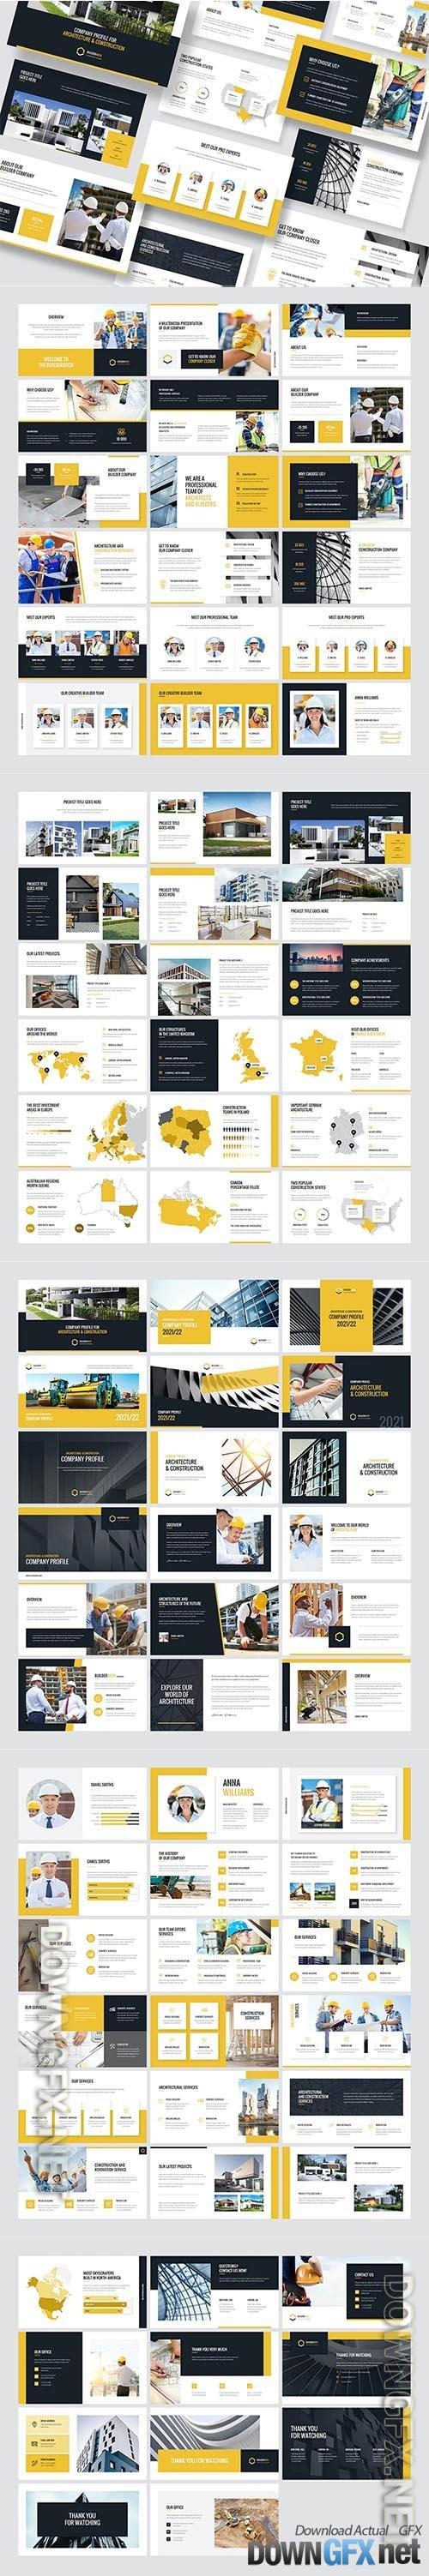 BuilderArch – Construction Company Profile PPT